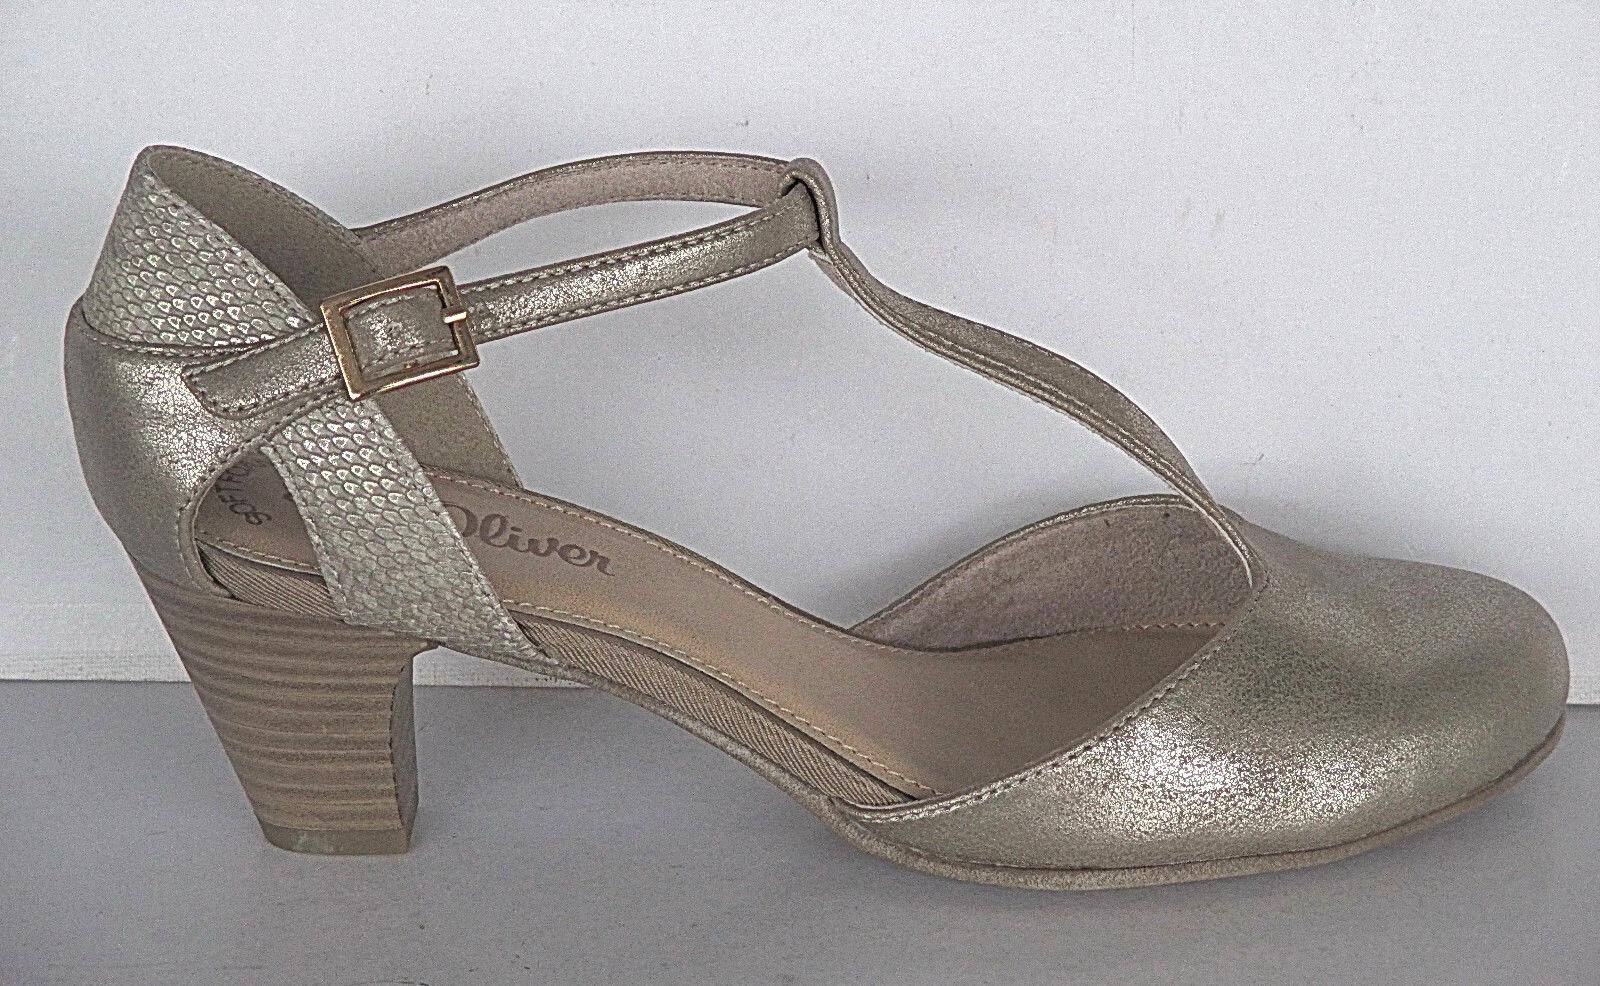 s.Oliver  Schuhe Damen Schuhe Spangenpumps, Gr. 36-40, Art. 5/5-24400-20  ++NEU+